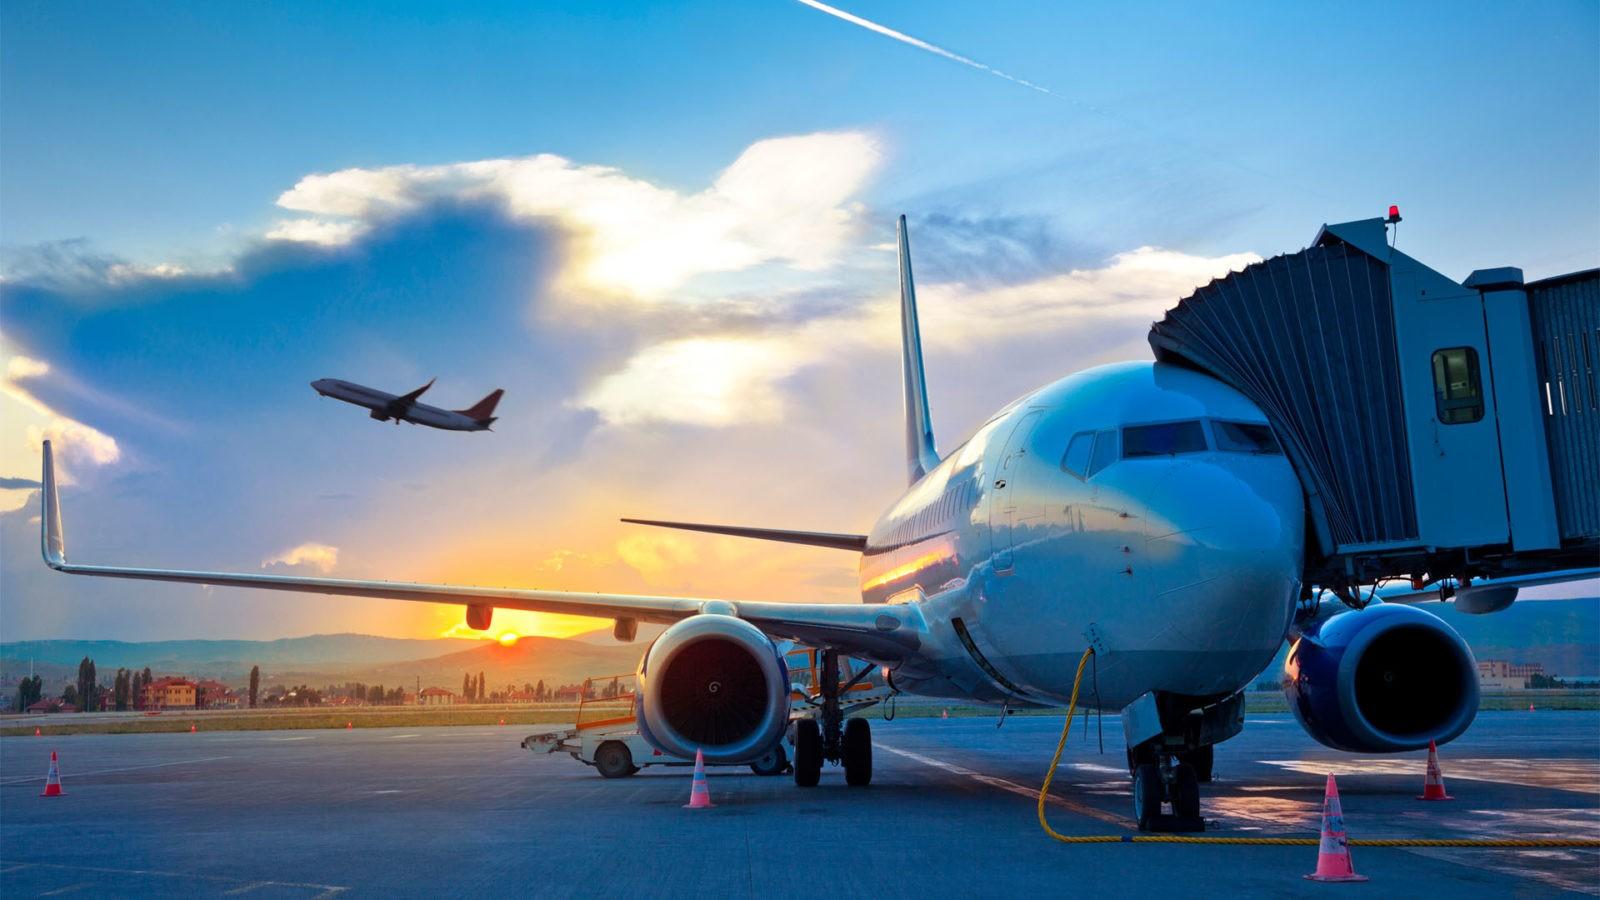 В 2019 году авиакомпании станут чаще задерживать и отменять рейсы